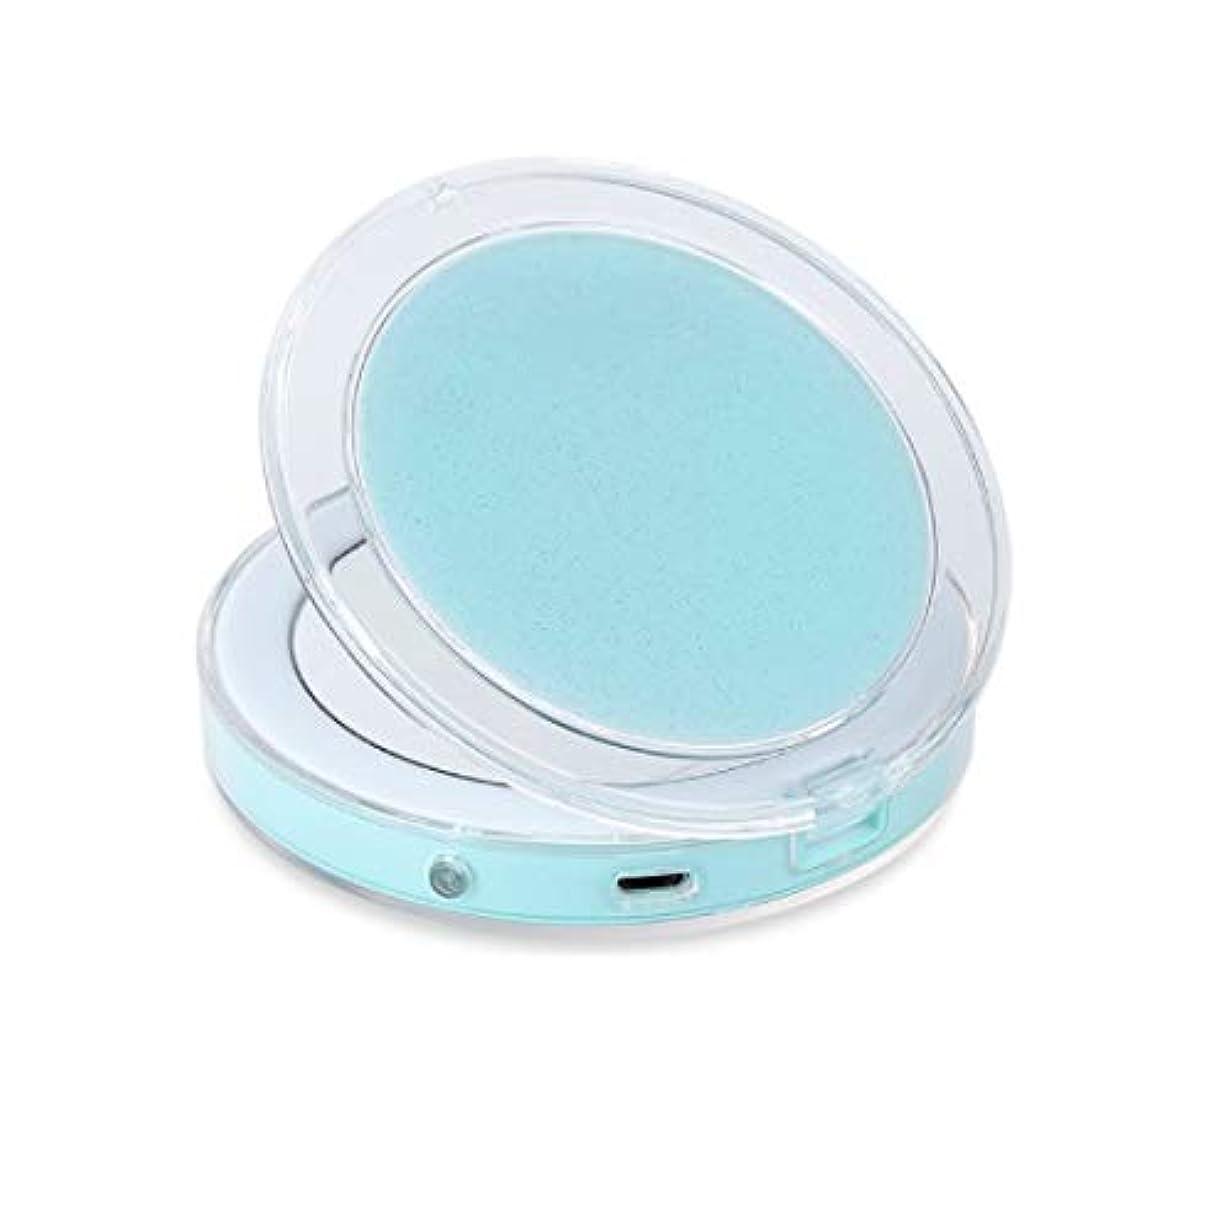 復讐考古学的なのれんミニポータブルled化粧鏡折りたたみ光化粧鏡3回小さな夜の光ミラー (Color : グリーン)